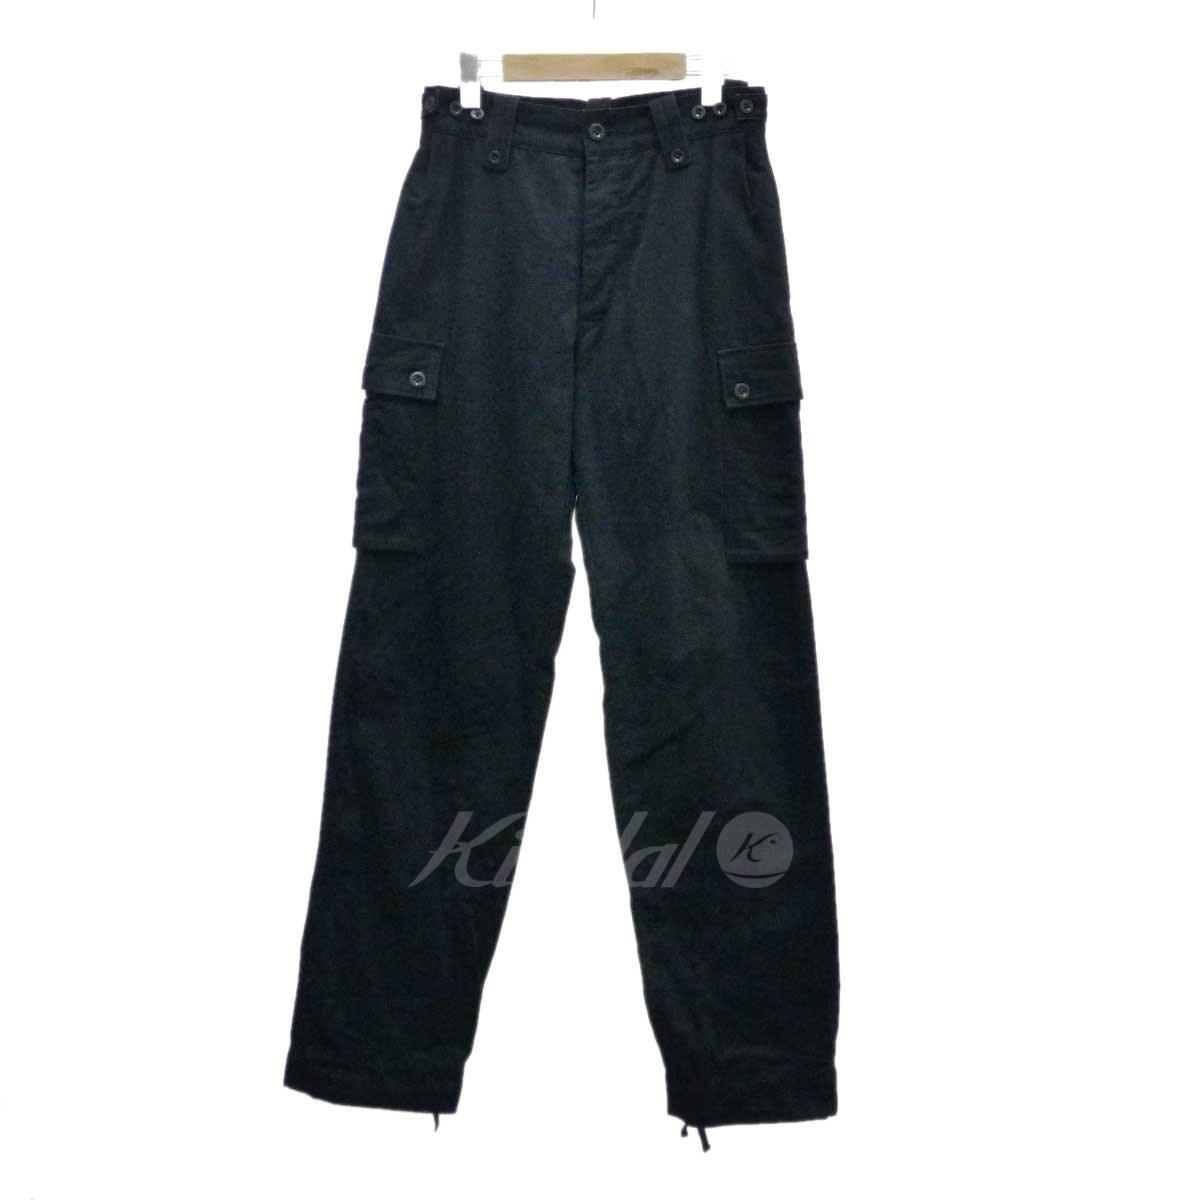 【中古】Y's for men カーゴパンツ ブラック サイズ:1 【送料無料】 【050918】(ワイズフォーメン)